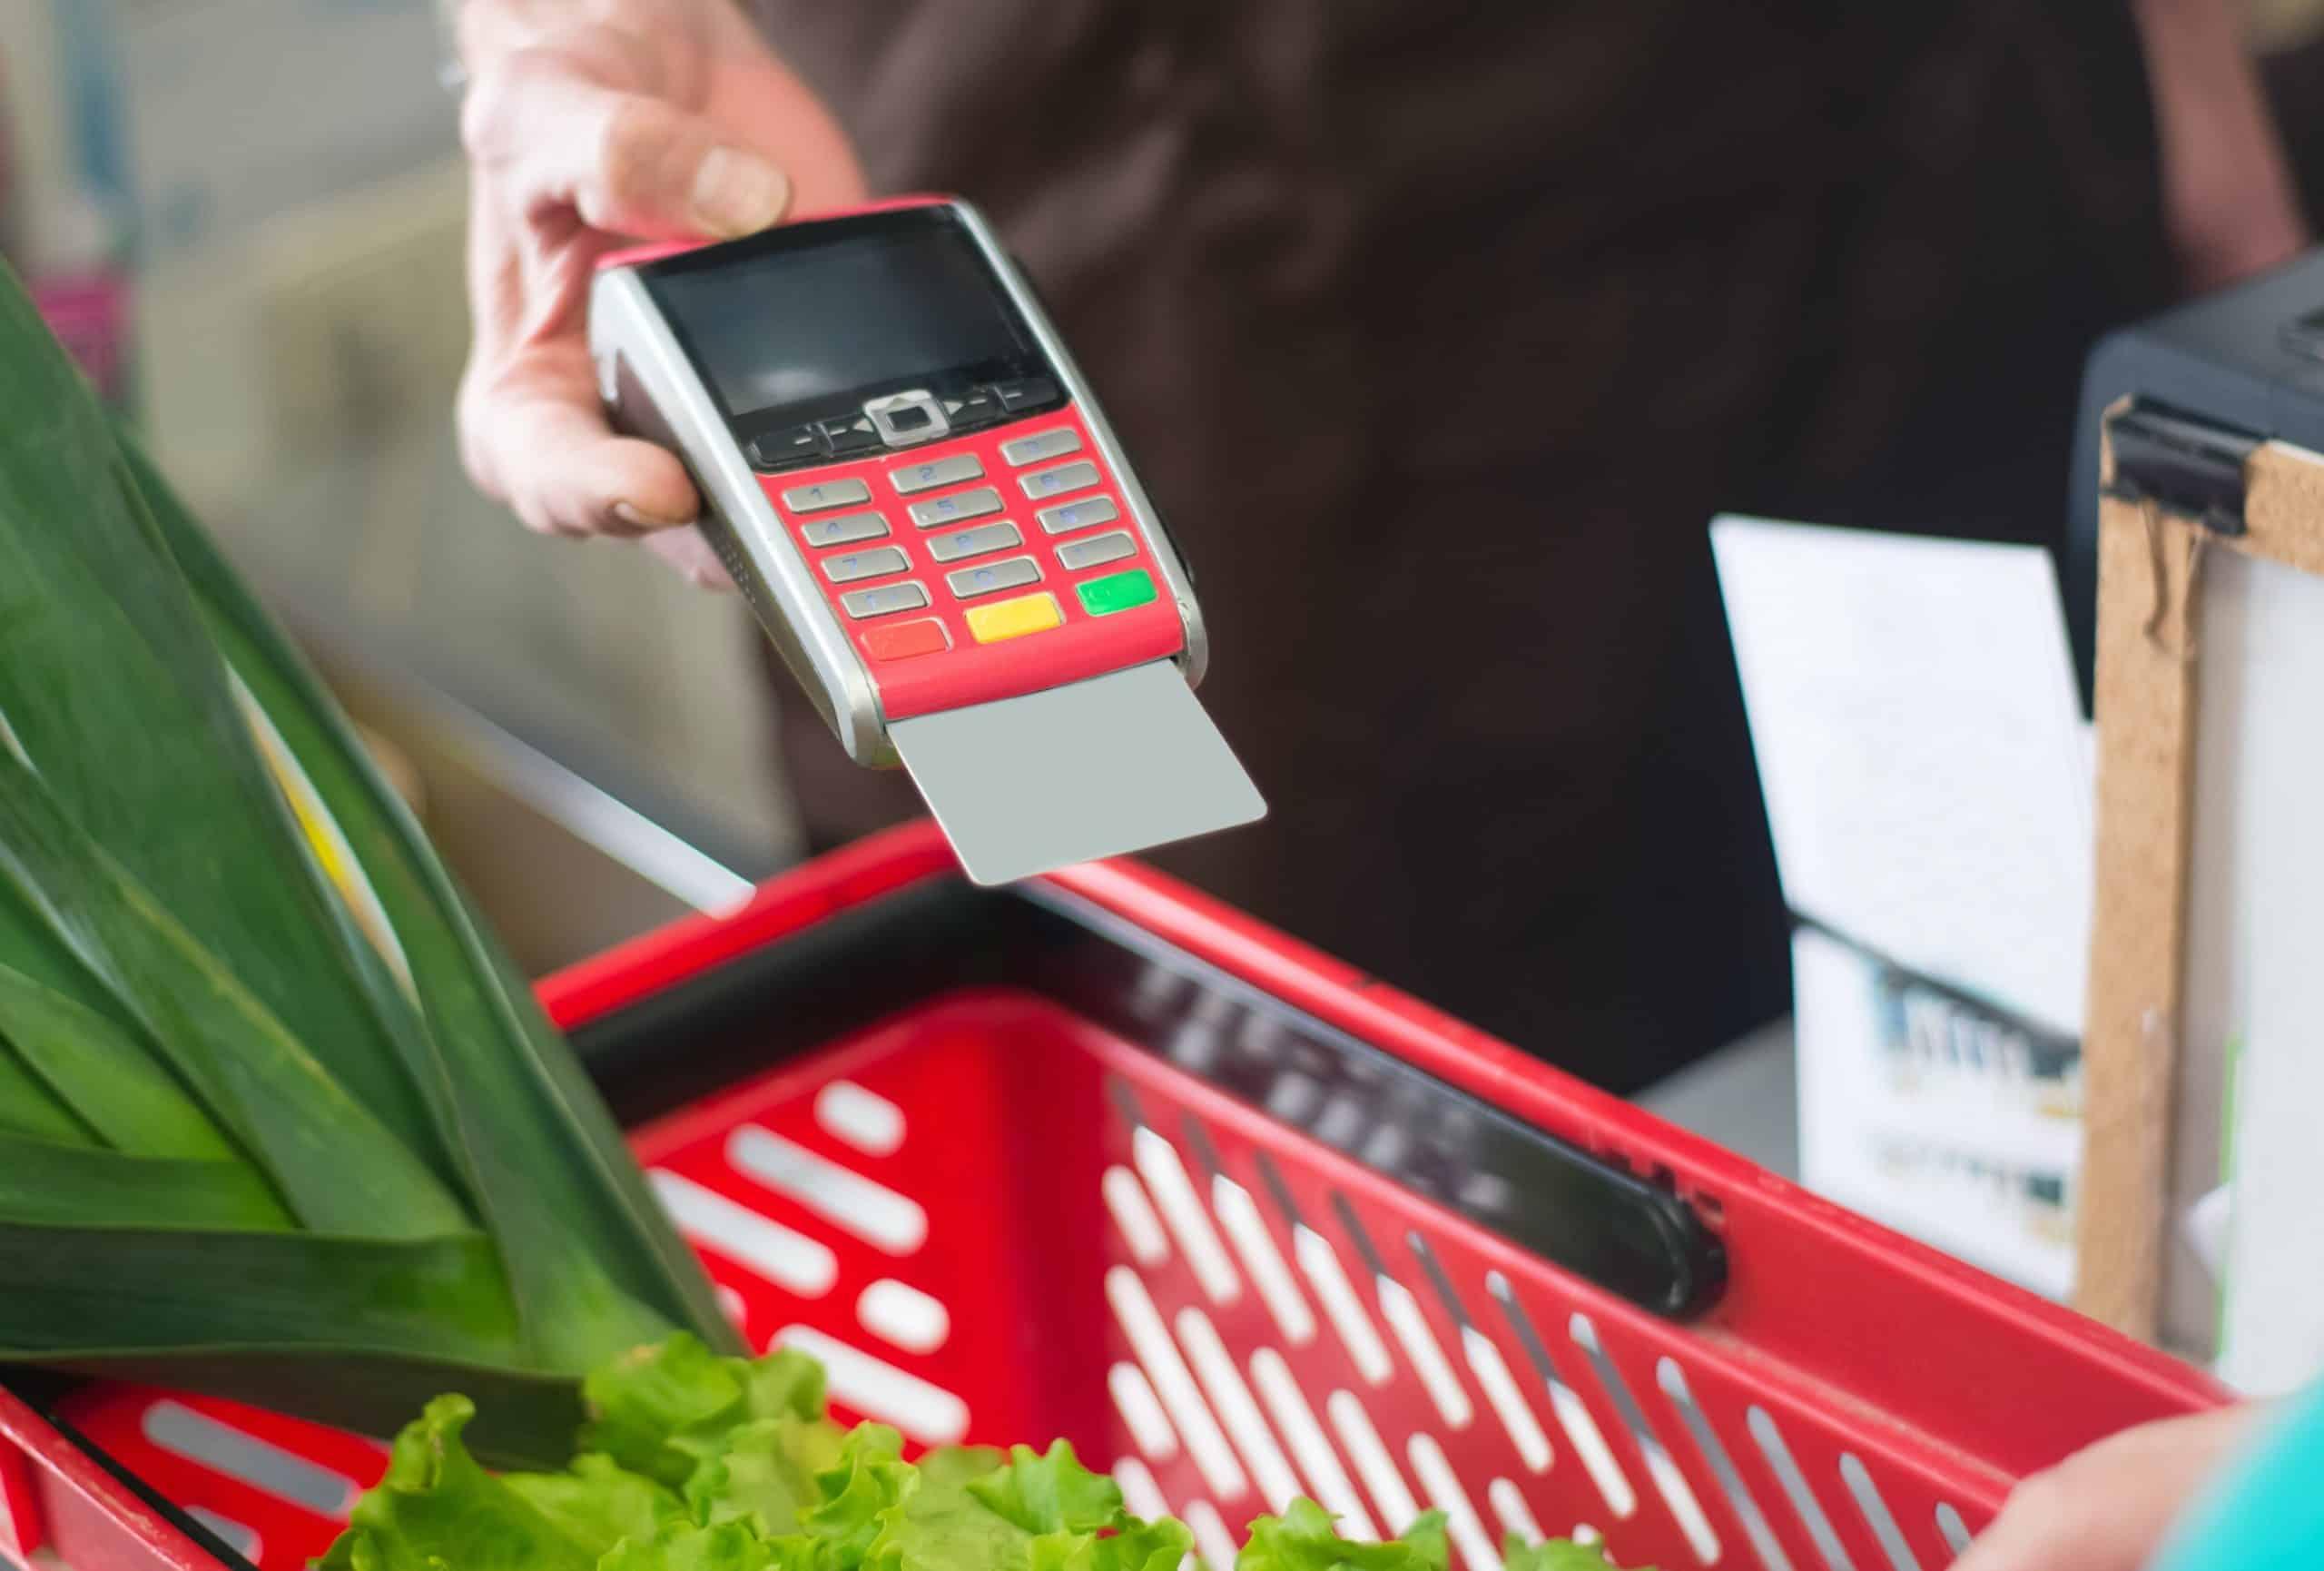 Cartões eletrónicos para apoio alimentar – Notícias